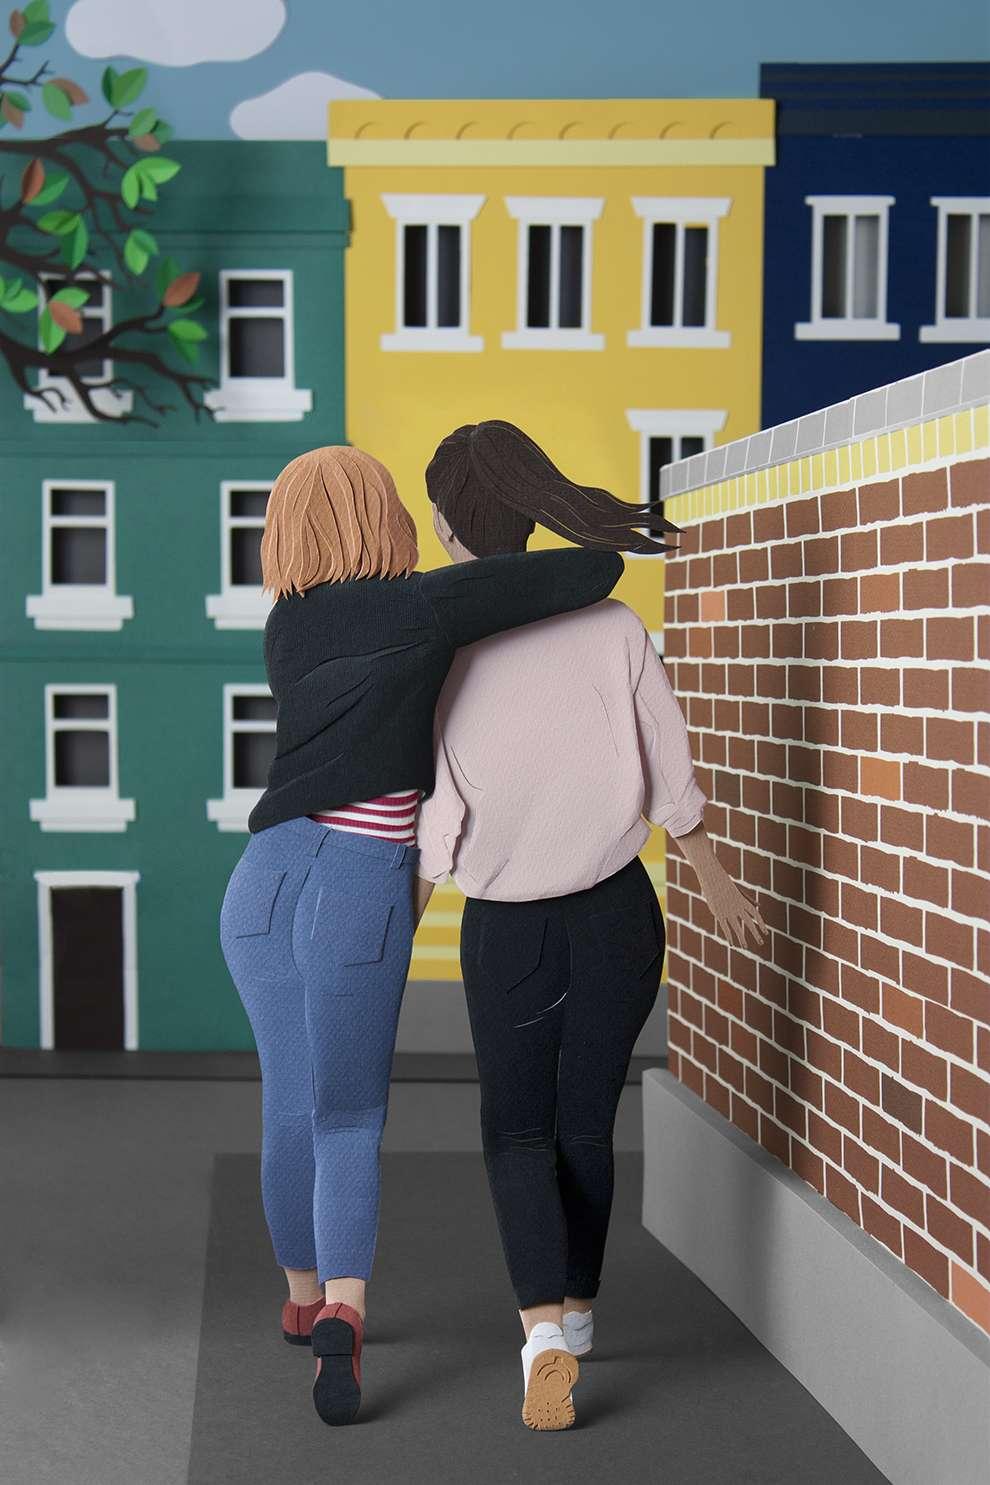 WRK, Paper illustration of two women walking in a street